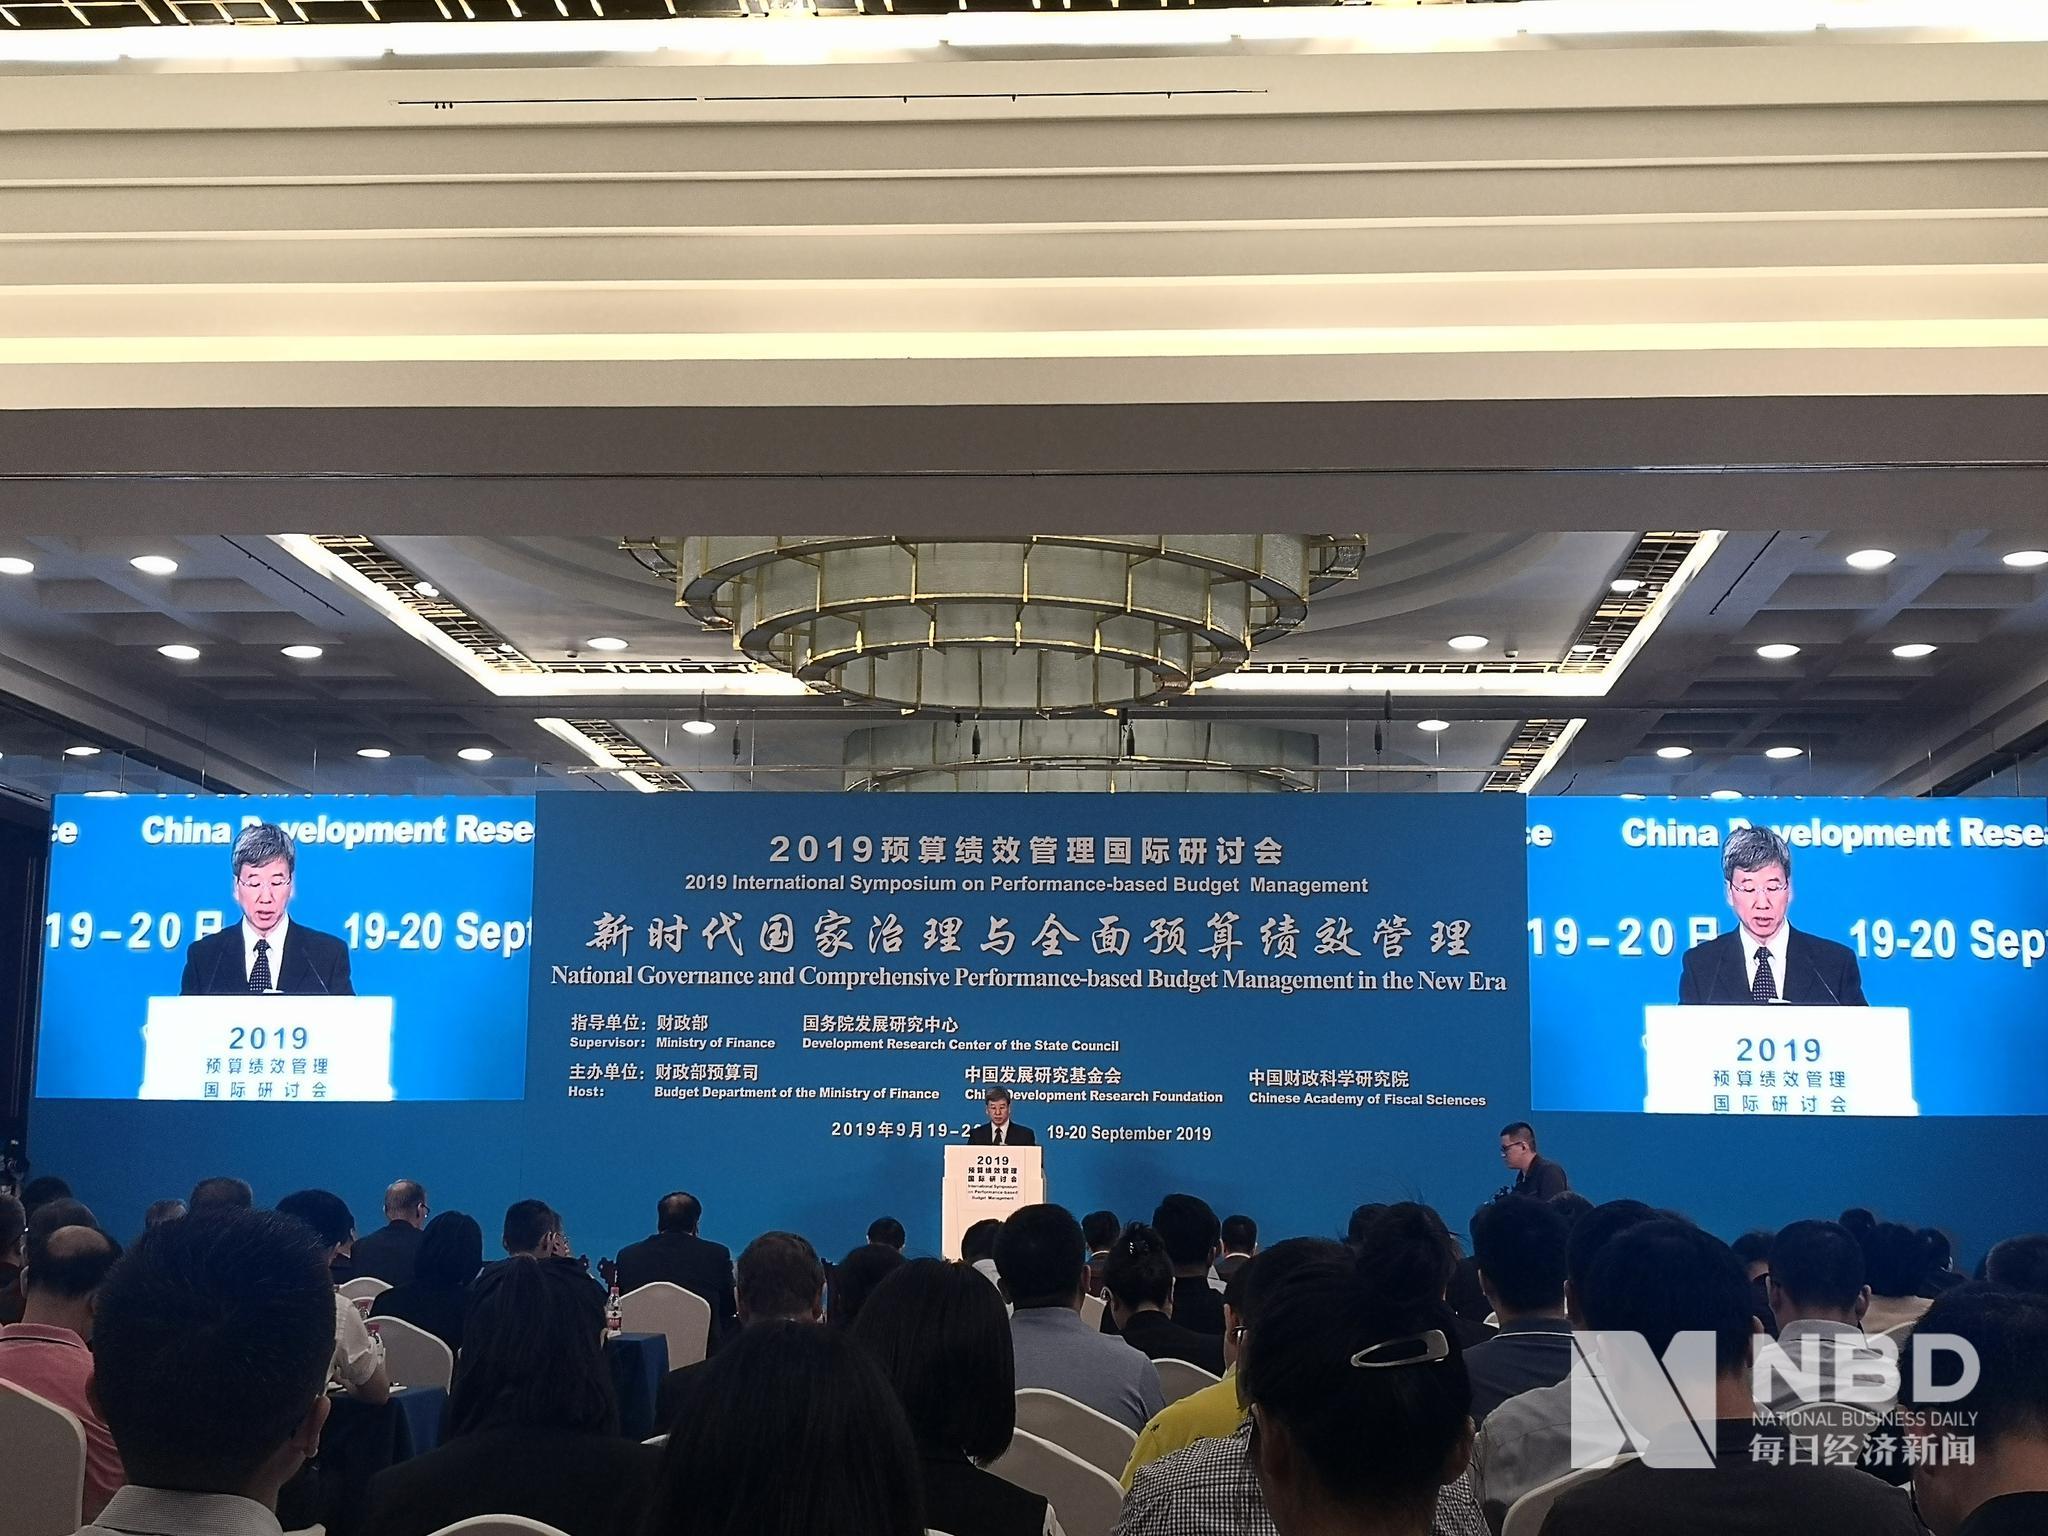 财政部副部长许宏才:预计全年减税降费超2万亿元,省出低效无效资金用于急需领域